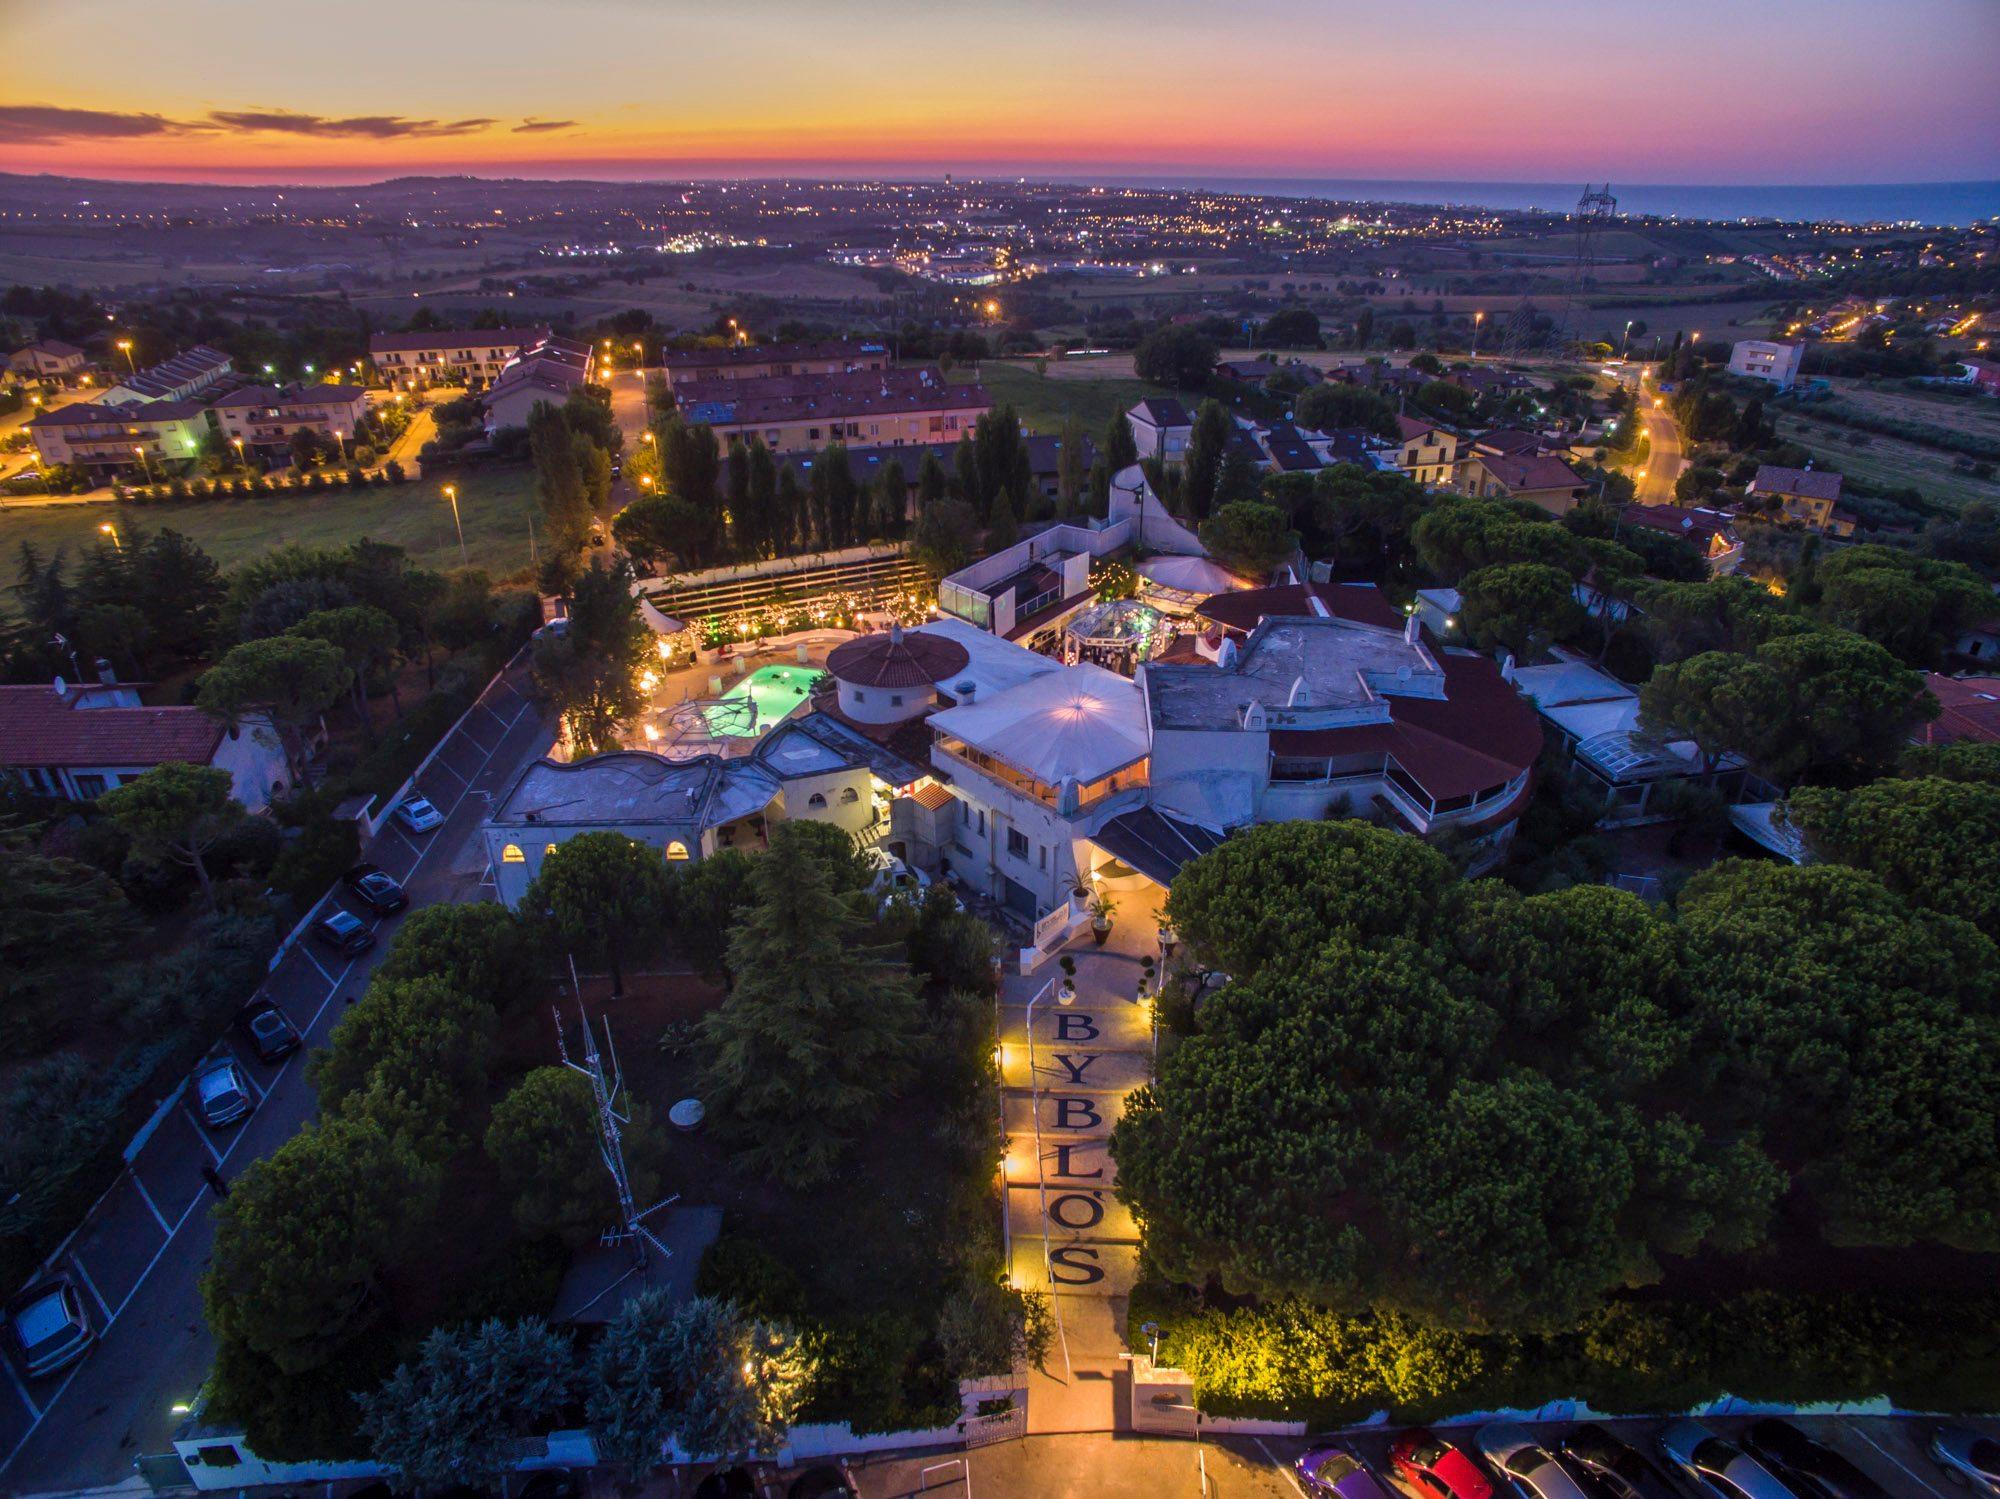 Discoteca Byblos Riccione, la grande notte dei turisti parte II